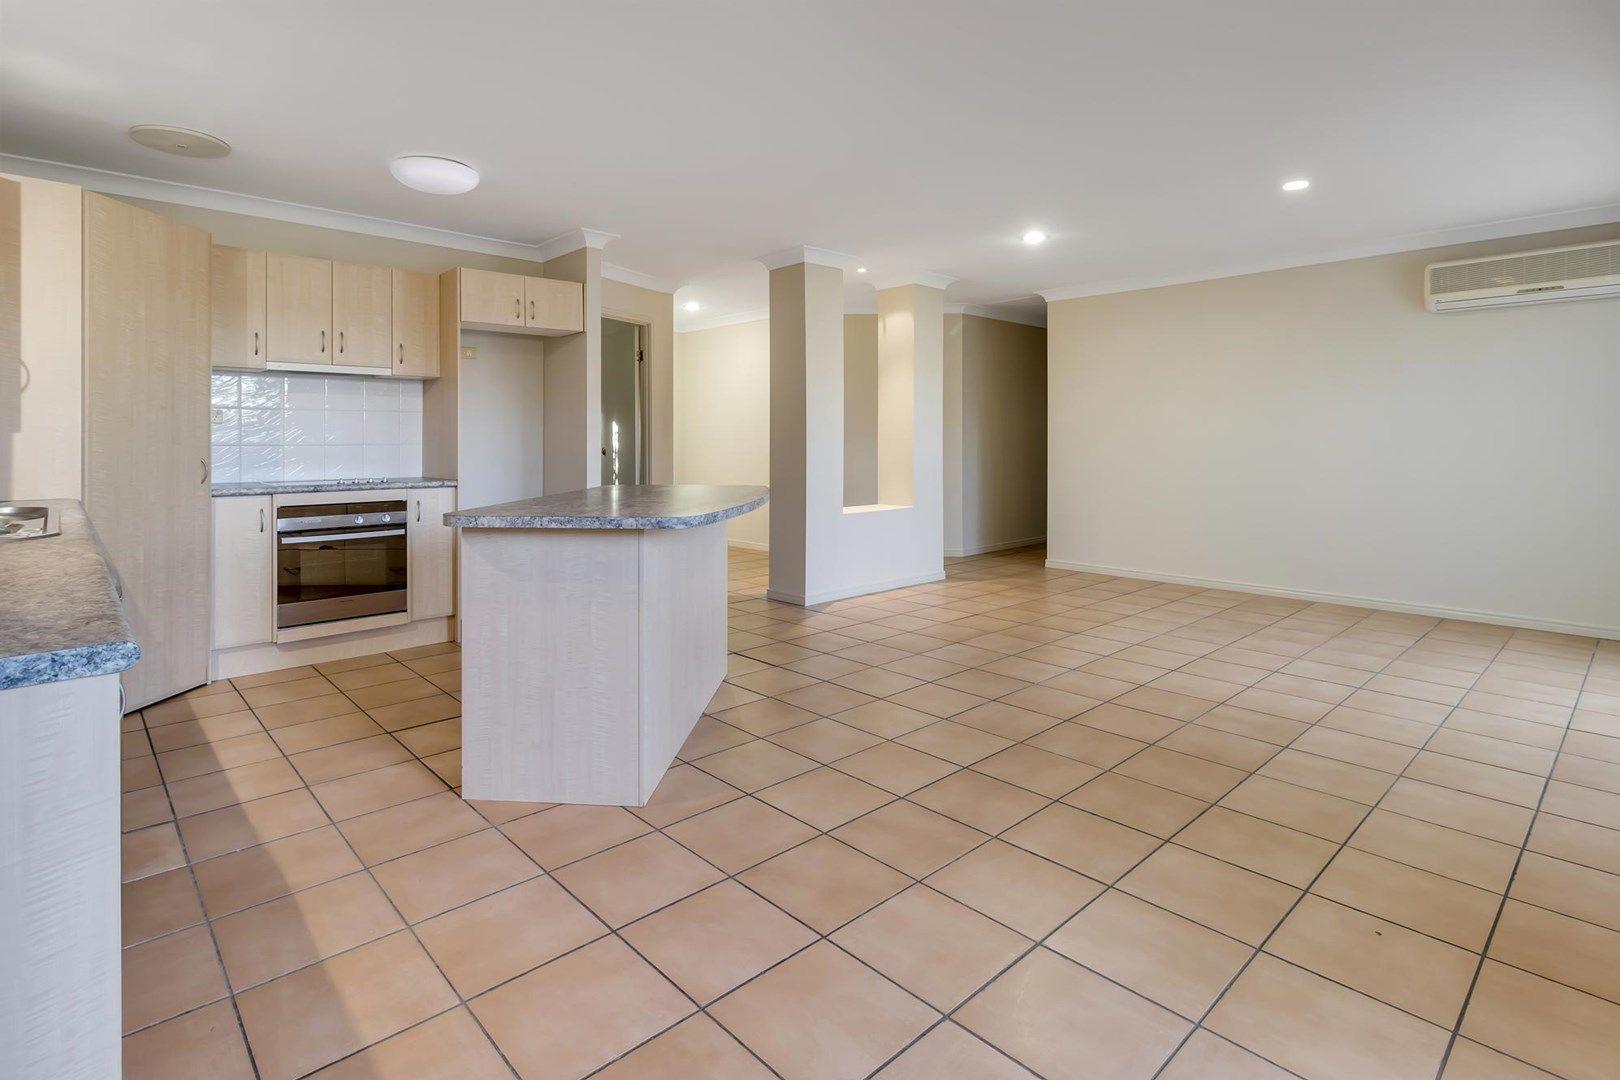 12 Trentham Court, Parkwood QLD 4214, Image 2